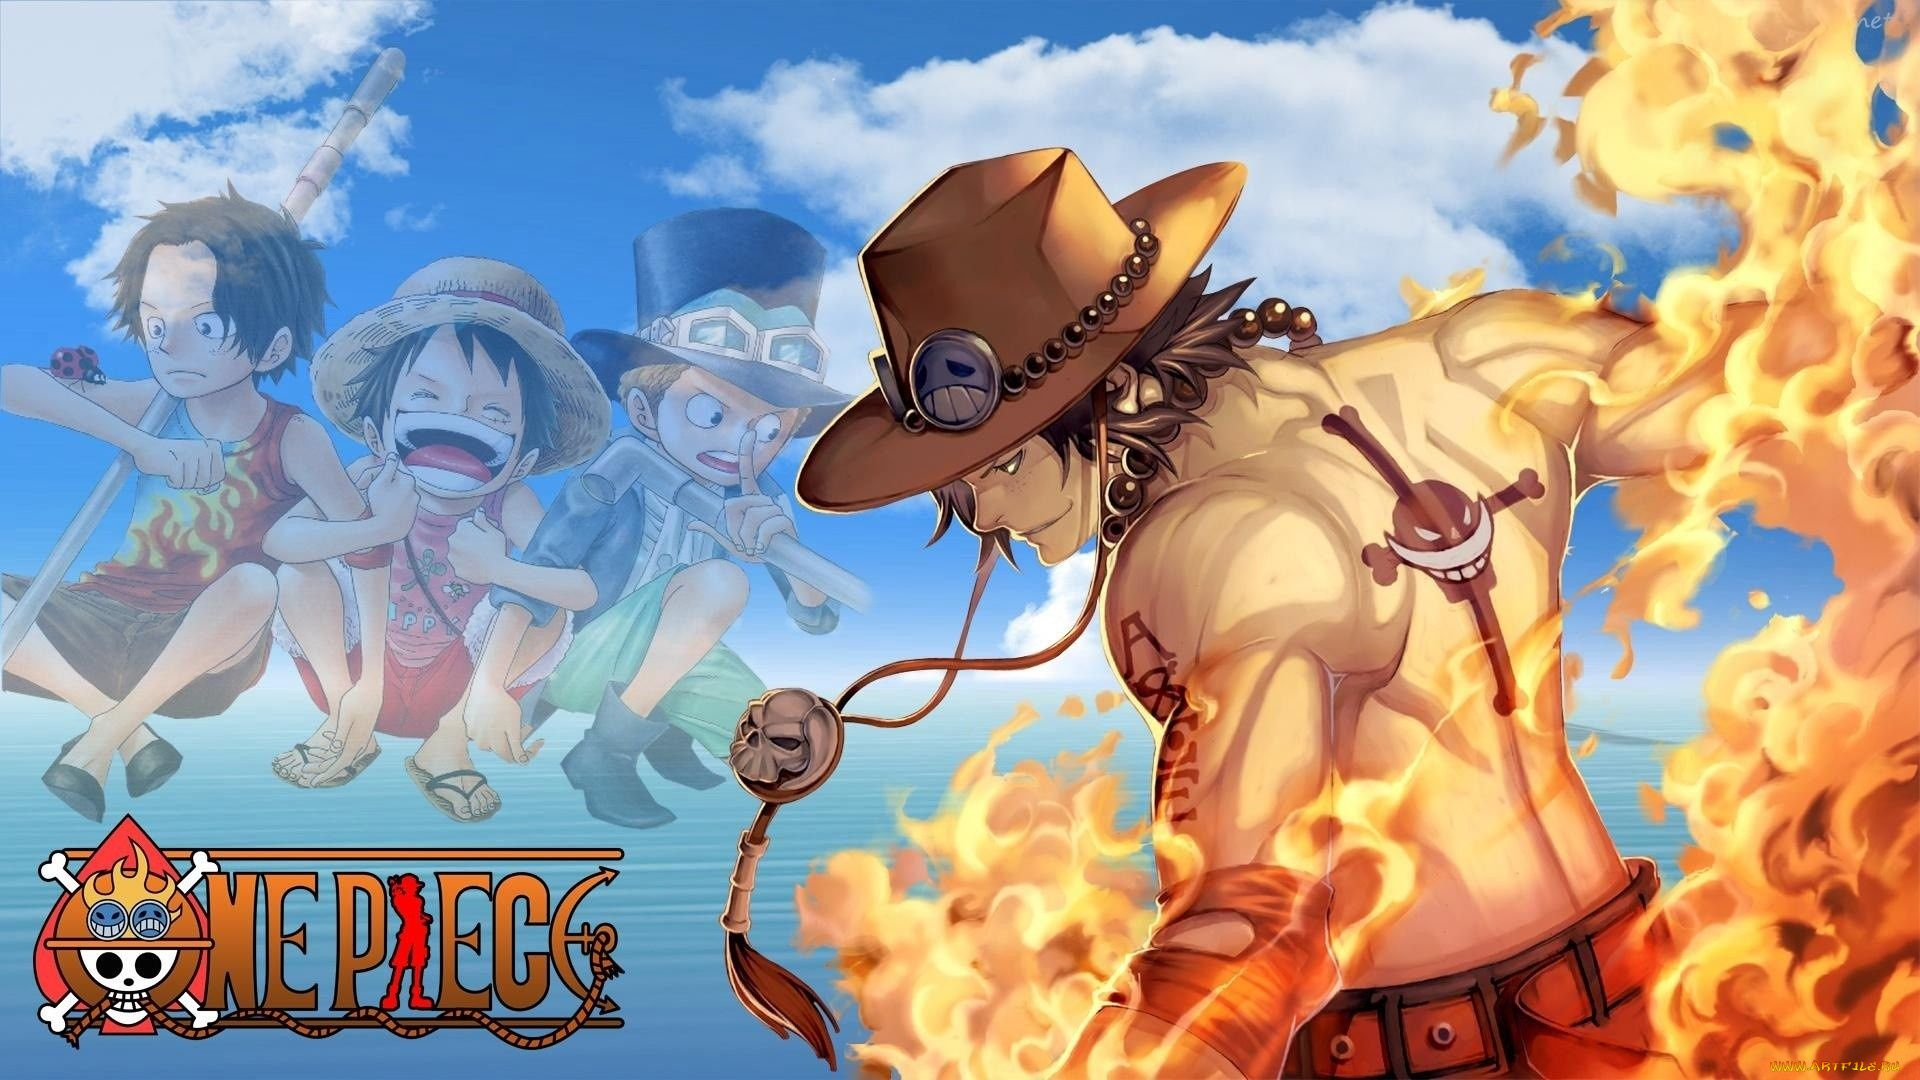 Portgas D Ace Art, One Piece